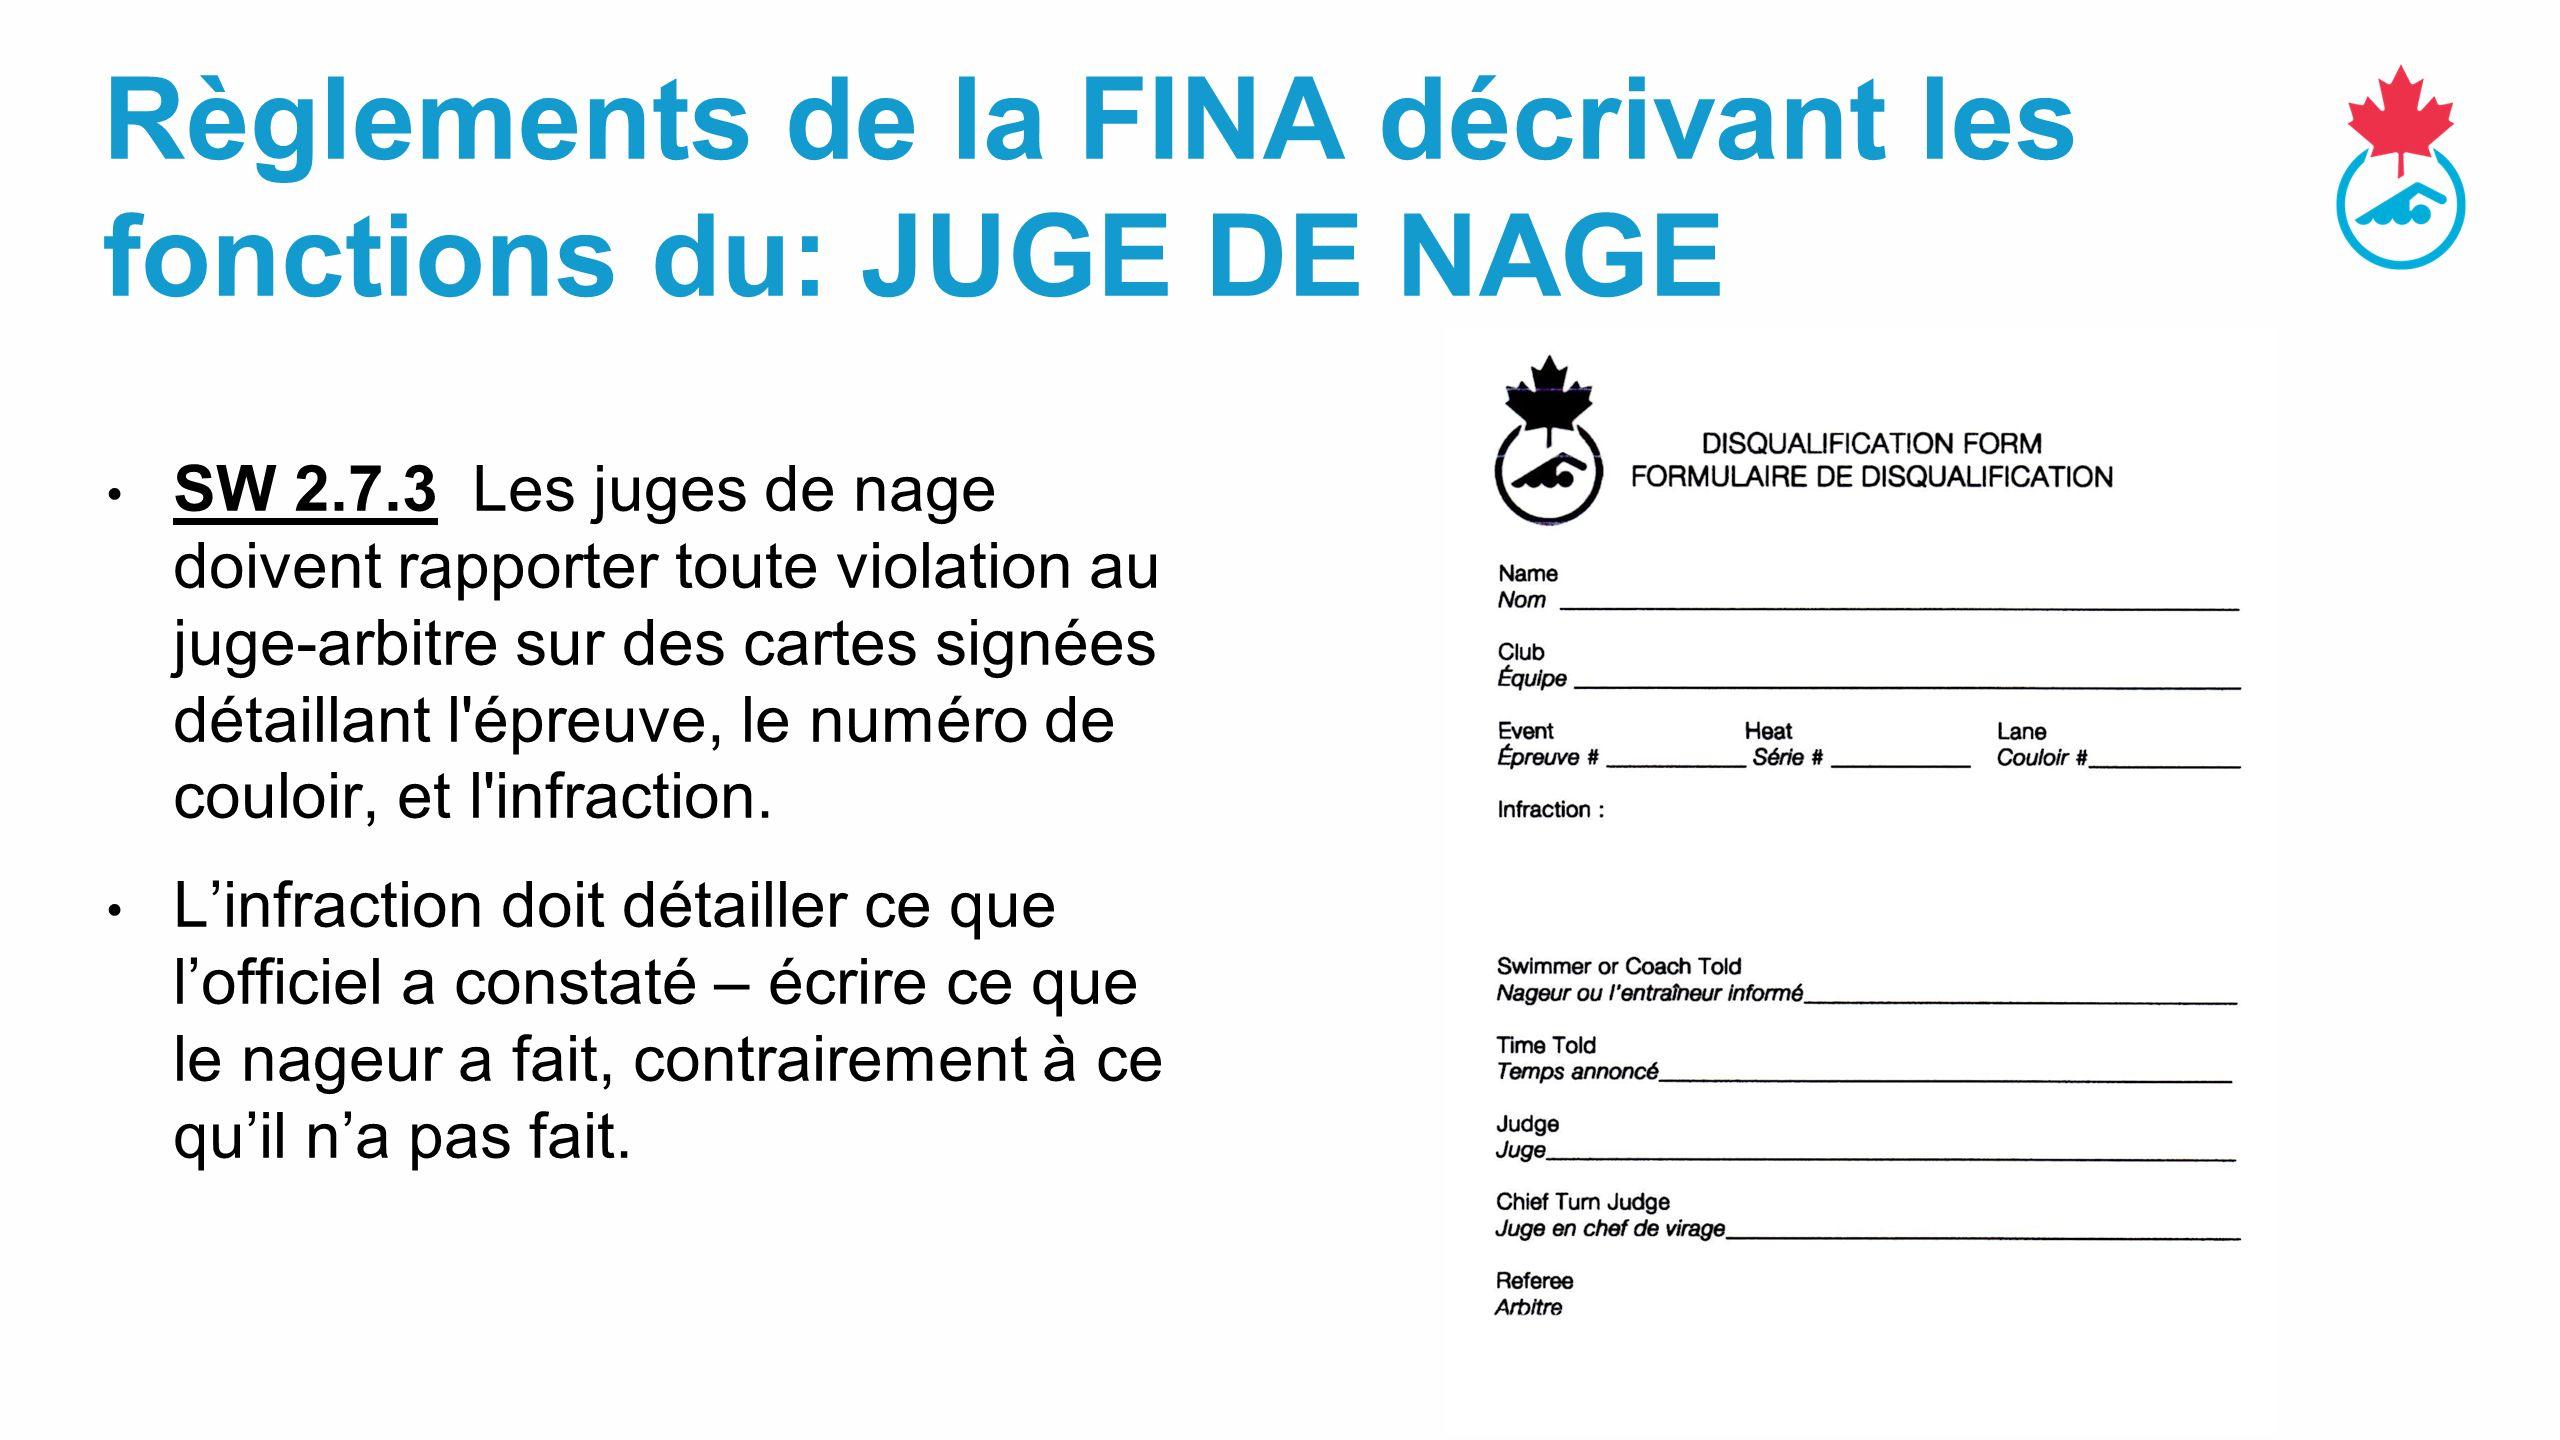 Règlements de la FINA décrivant les fonctions du: JUGE DE NAGE SW 2.7.3 Les juges de nage doivent rapporter toute violation au juge-arbitre sur des cartes signées détaillant l épreuve, le numéro de couloir, et l infraction.